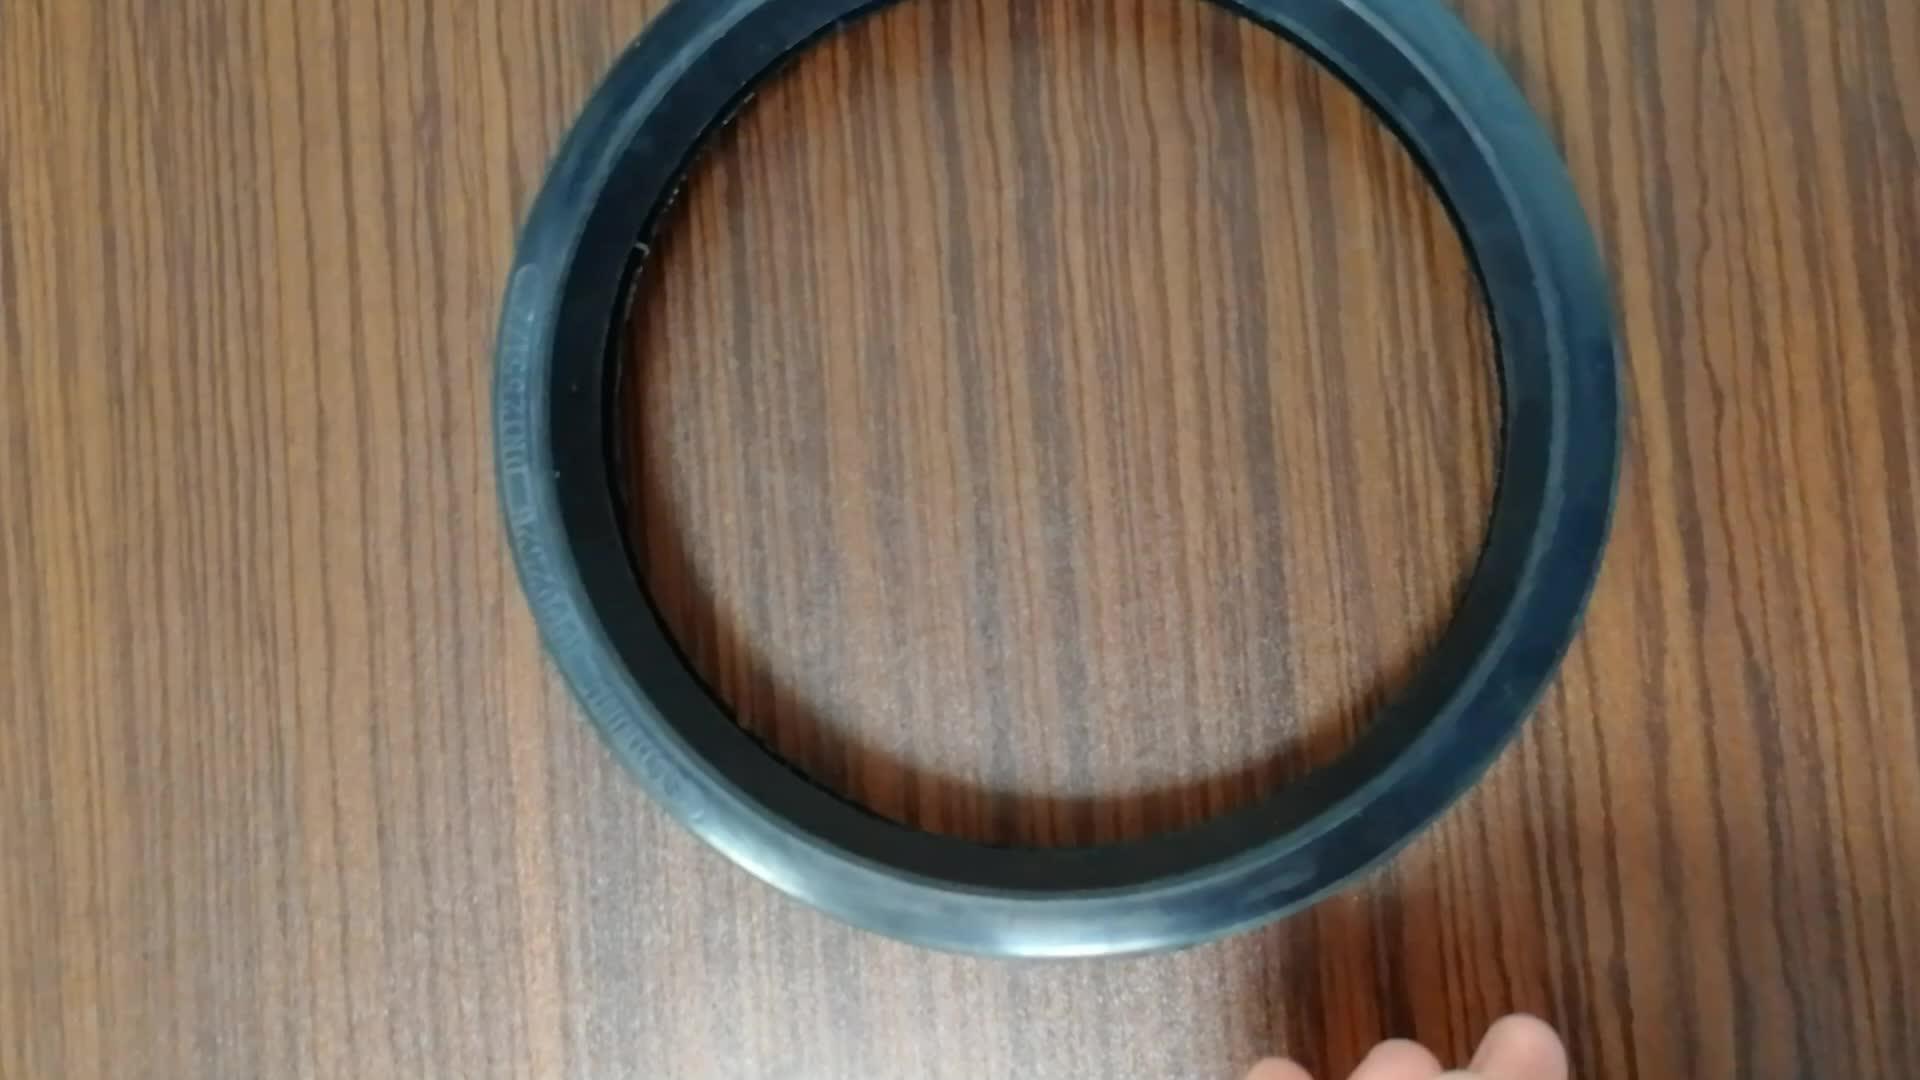 Trung quốc thực hiện dn125 con dấu cao su o ring cho ống bơm bê tông